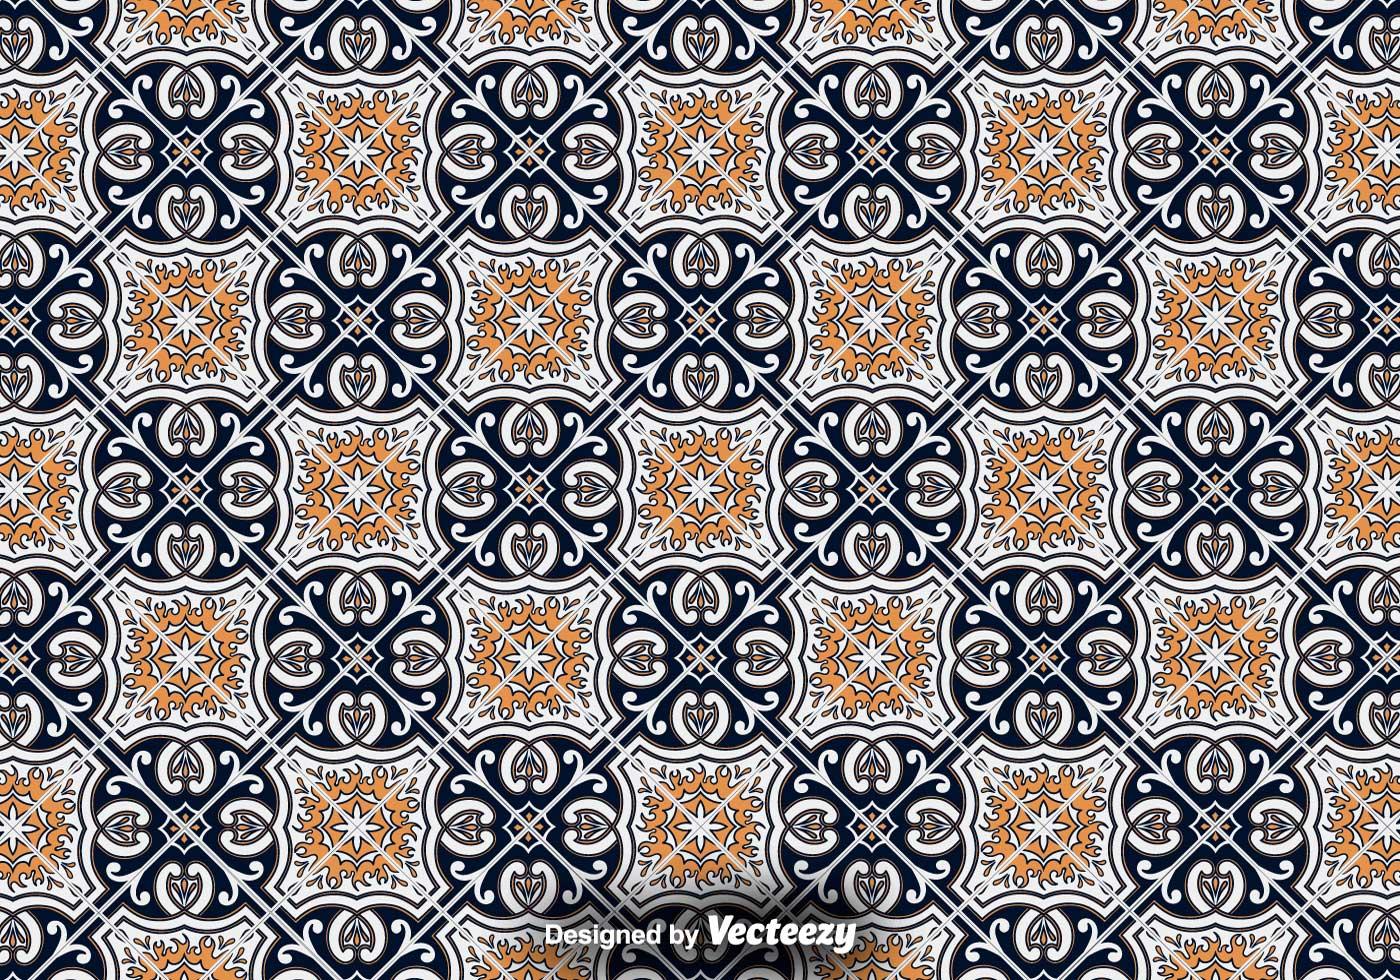 Tile Floor Free Vector Art 1886 Free Downloads